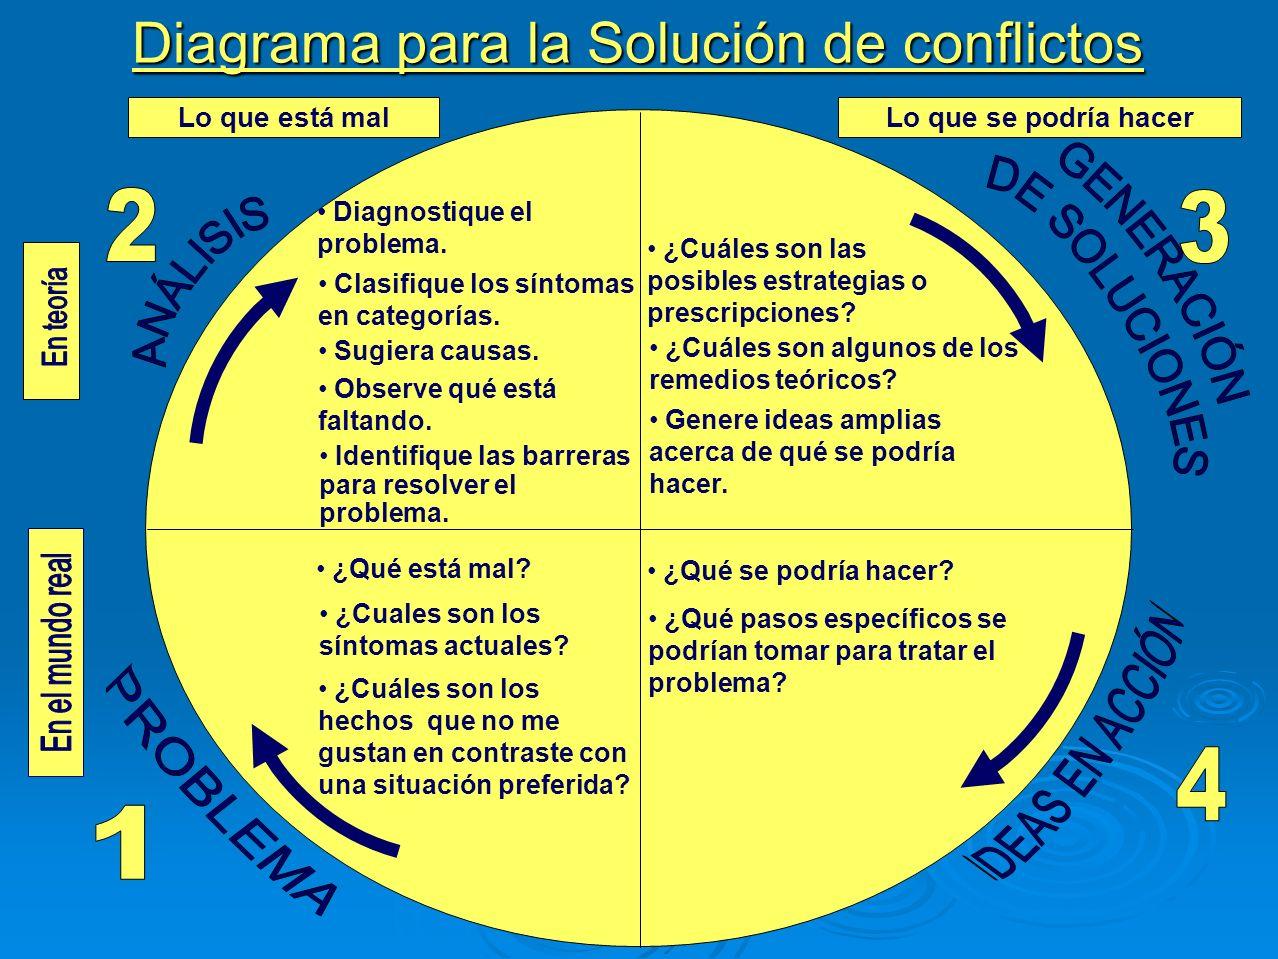 Diagrama para la Solución de conflictos